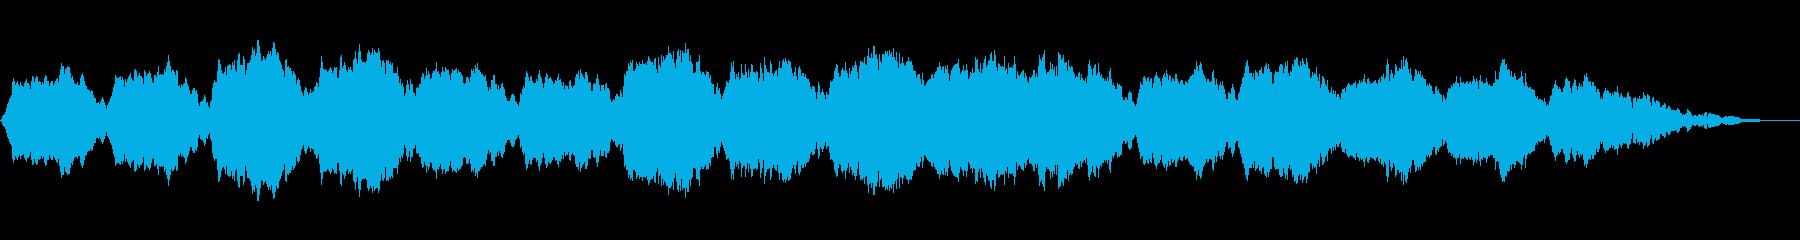 アンビエントミュージック 淡々 瞑...の再生済みの波形